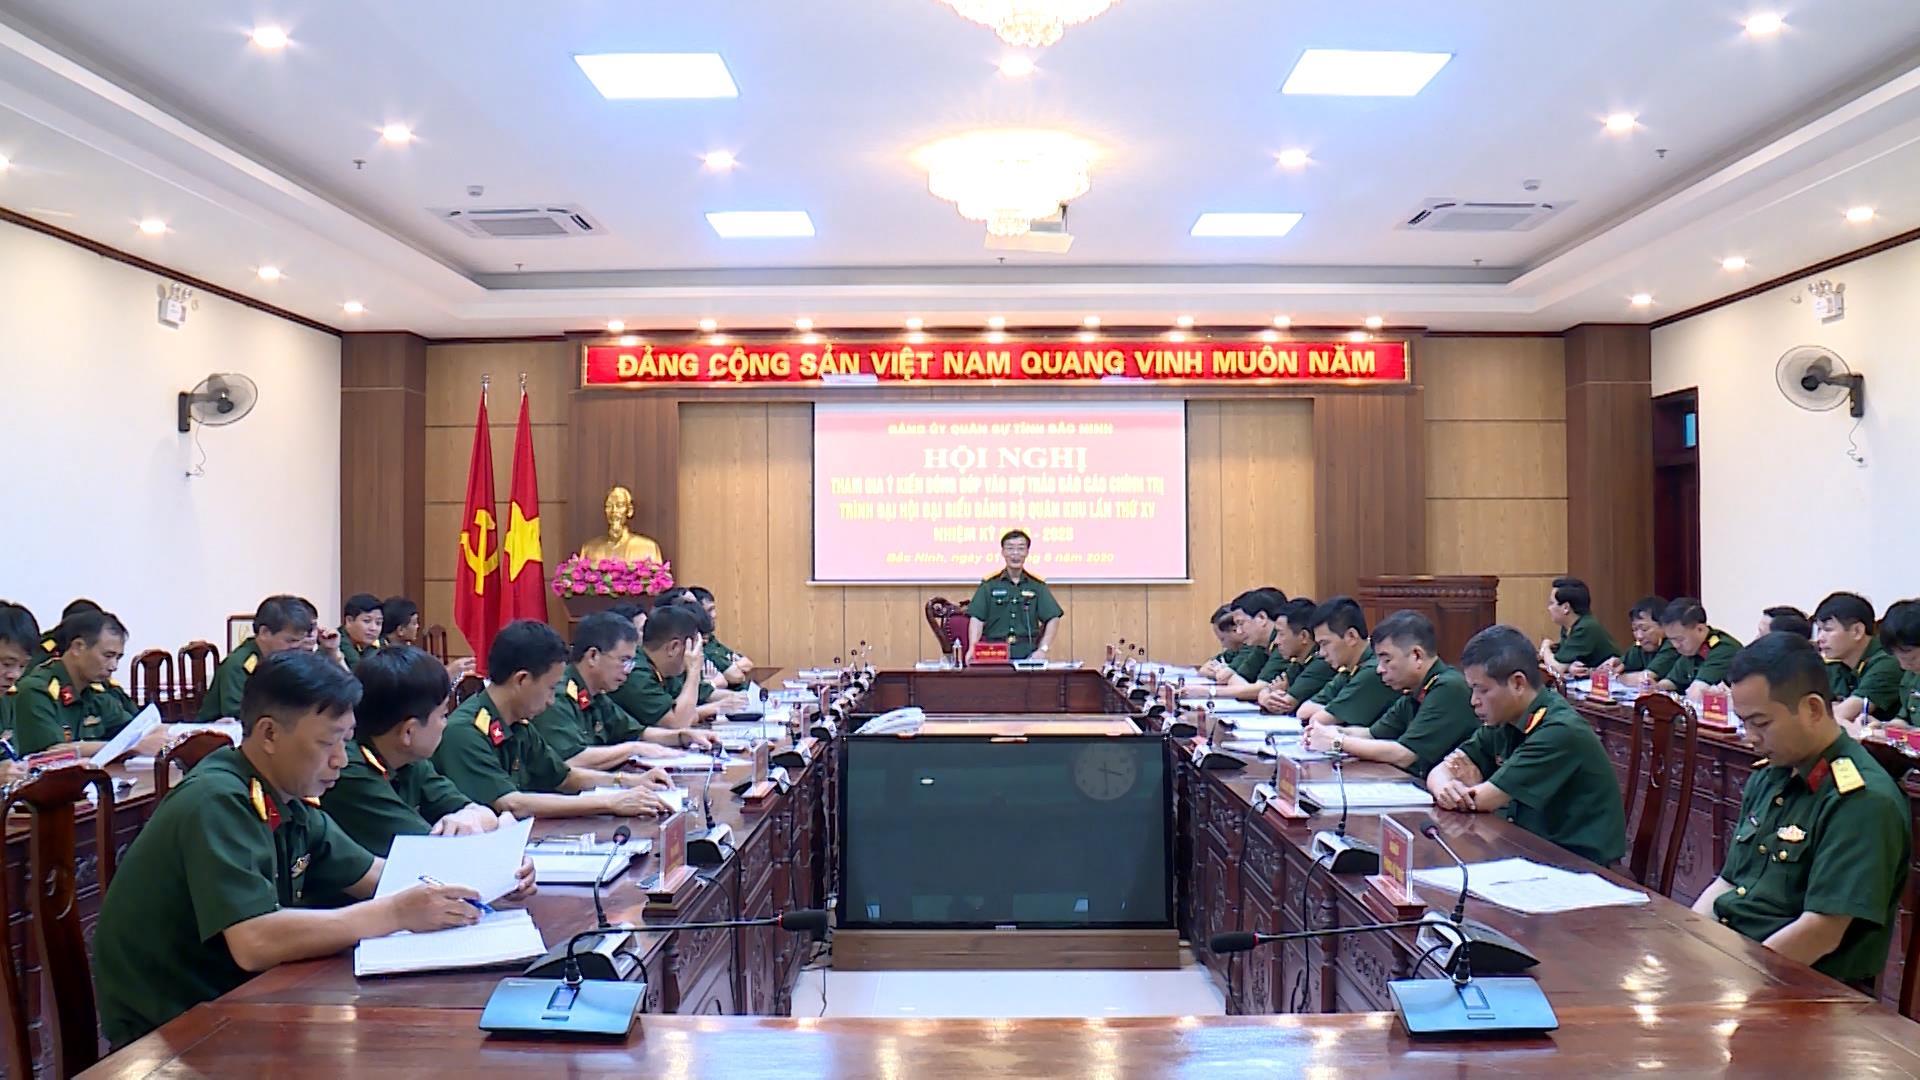 Đảng ủy Quân sự tỉnh góp ý vào dự thảo Báo cáo Chính trị Đại hội Đảng bộ Quân khu lần thứ XV, nhiệm kỳ 2020-2025